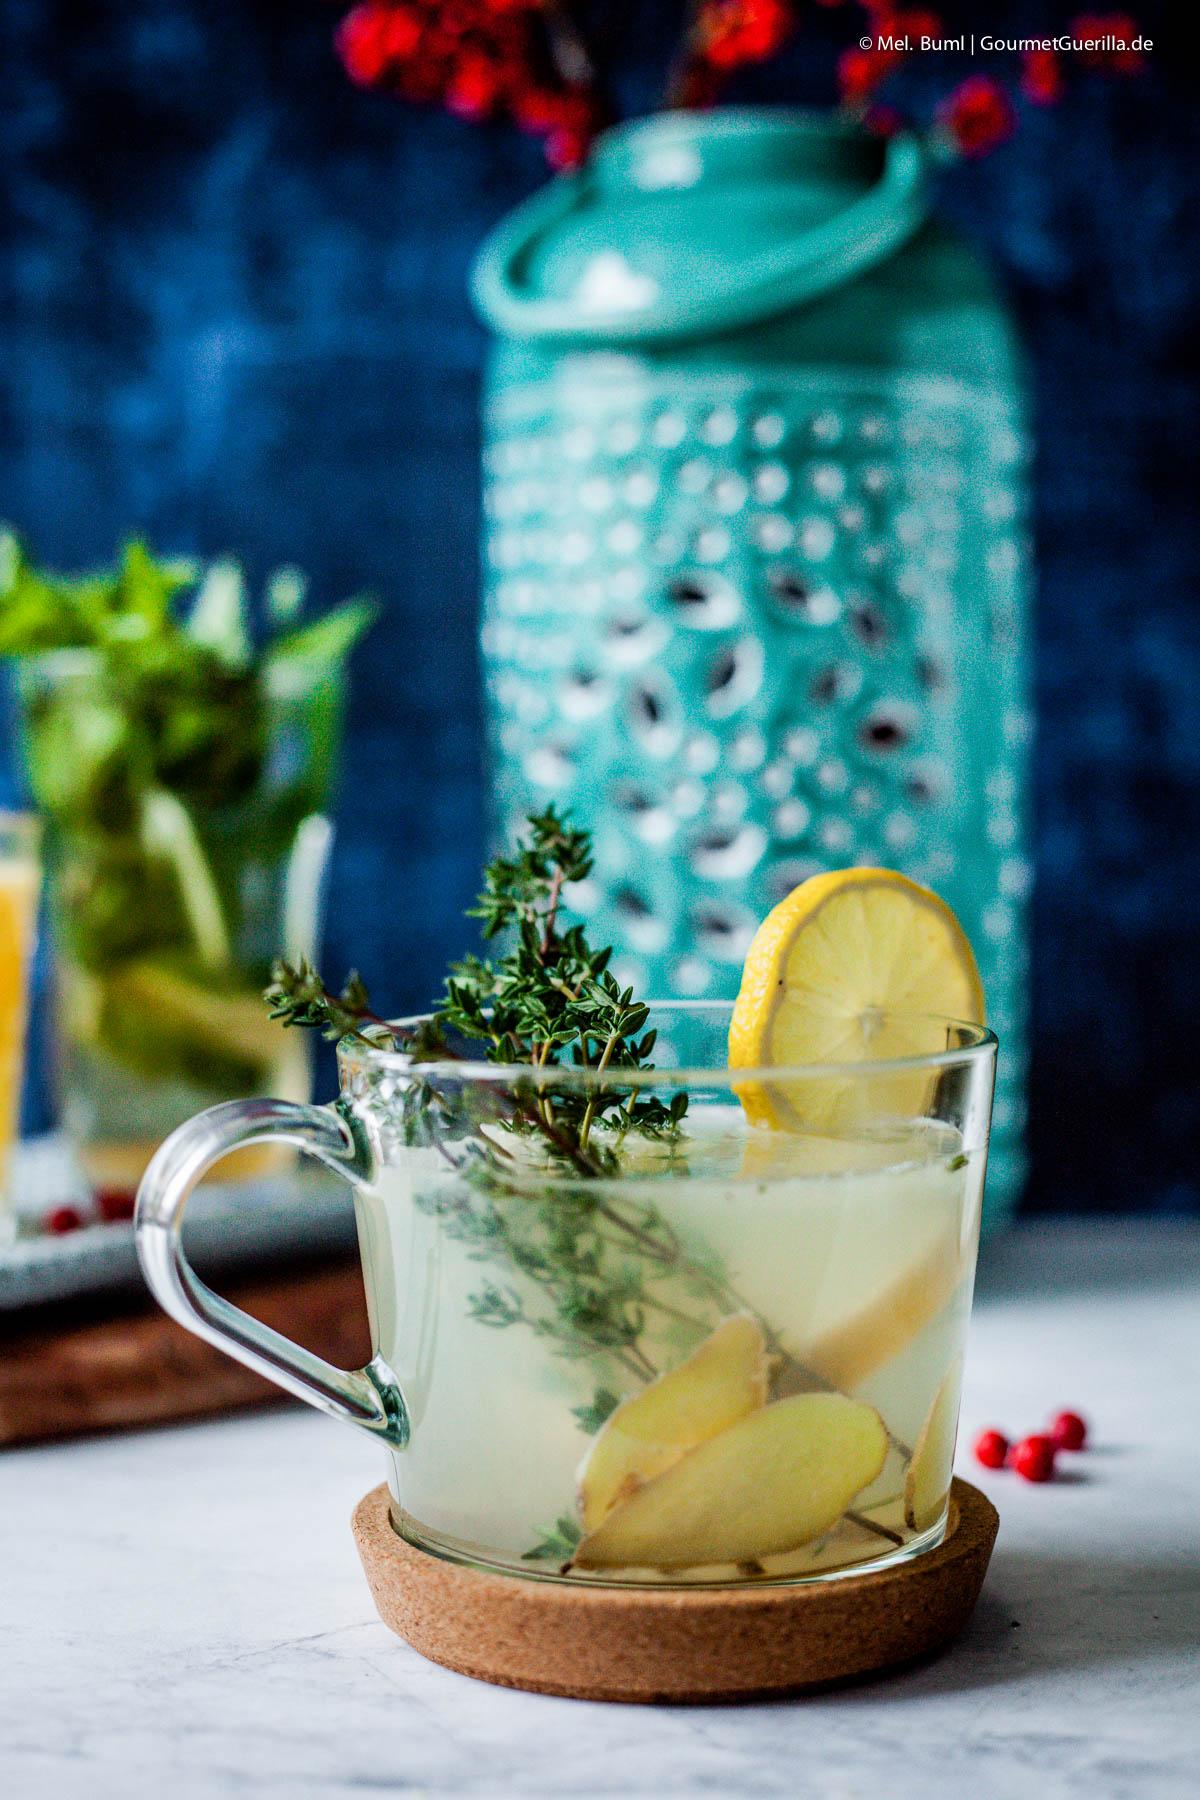 Heiße Thymian-Zitrone mit Ingwer und 4 süffige und schnelle DYI-Tees für Herbst und Winter |GourmetGuerilla.de